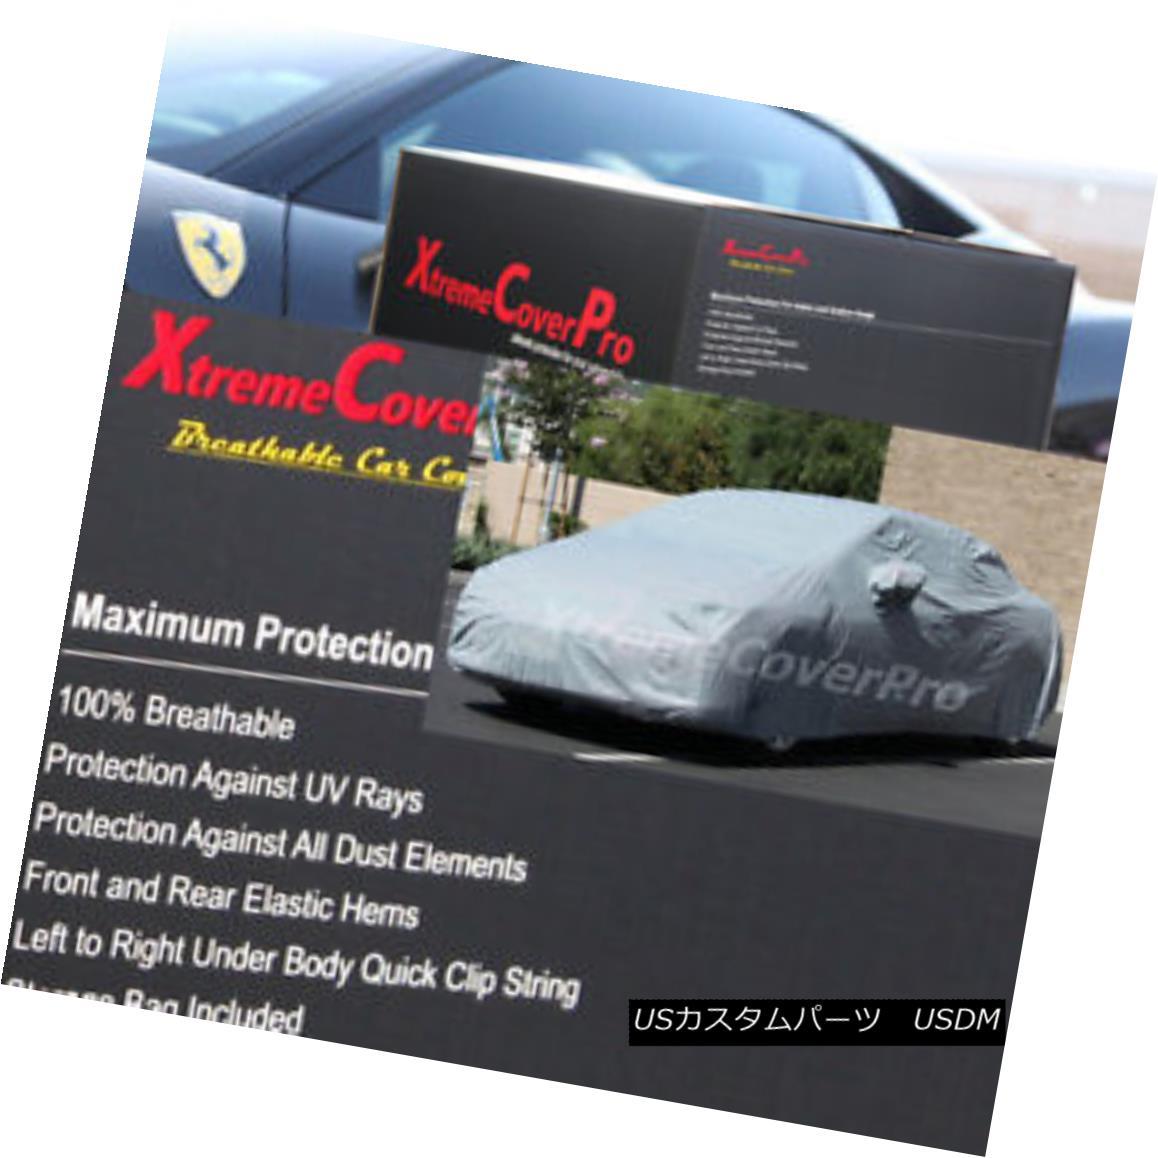 カーカバー 2013 Mitsubishi Evolution w/outEvoSpoiler Breathable Car Cover w/MirrorPocket 2013三菱エボリューションw / outEvoSpoile r通気性車カバー付きMirrorPocket